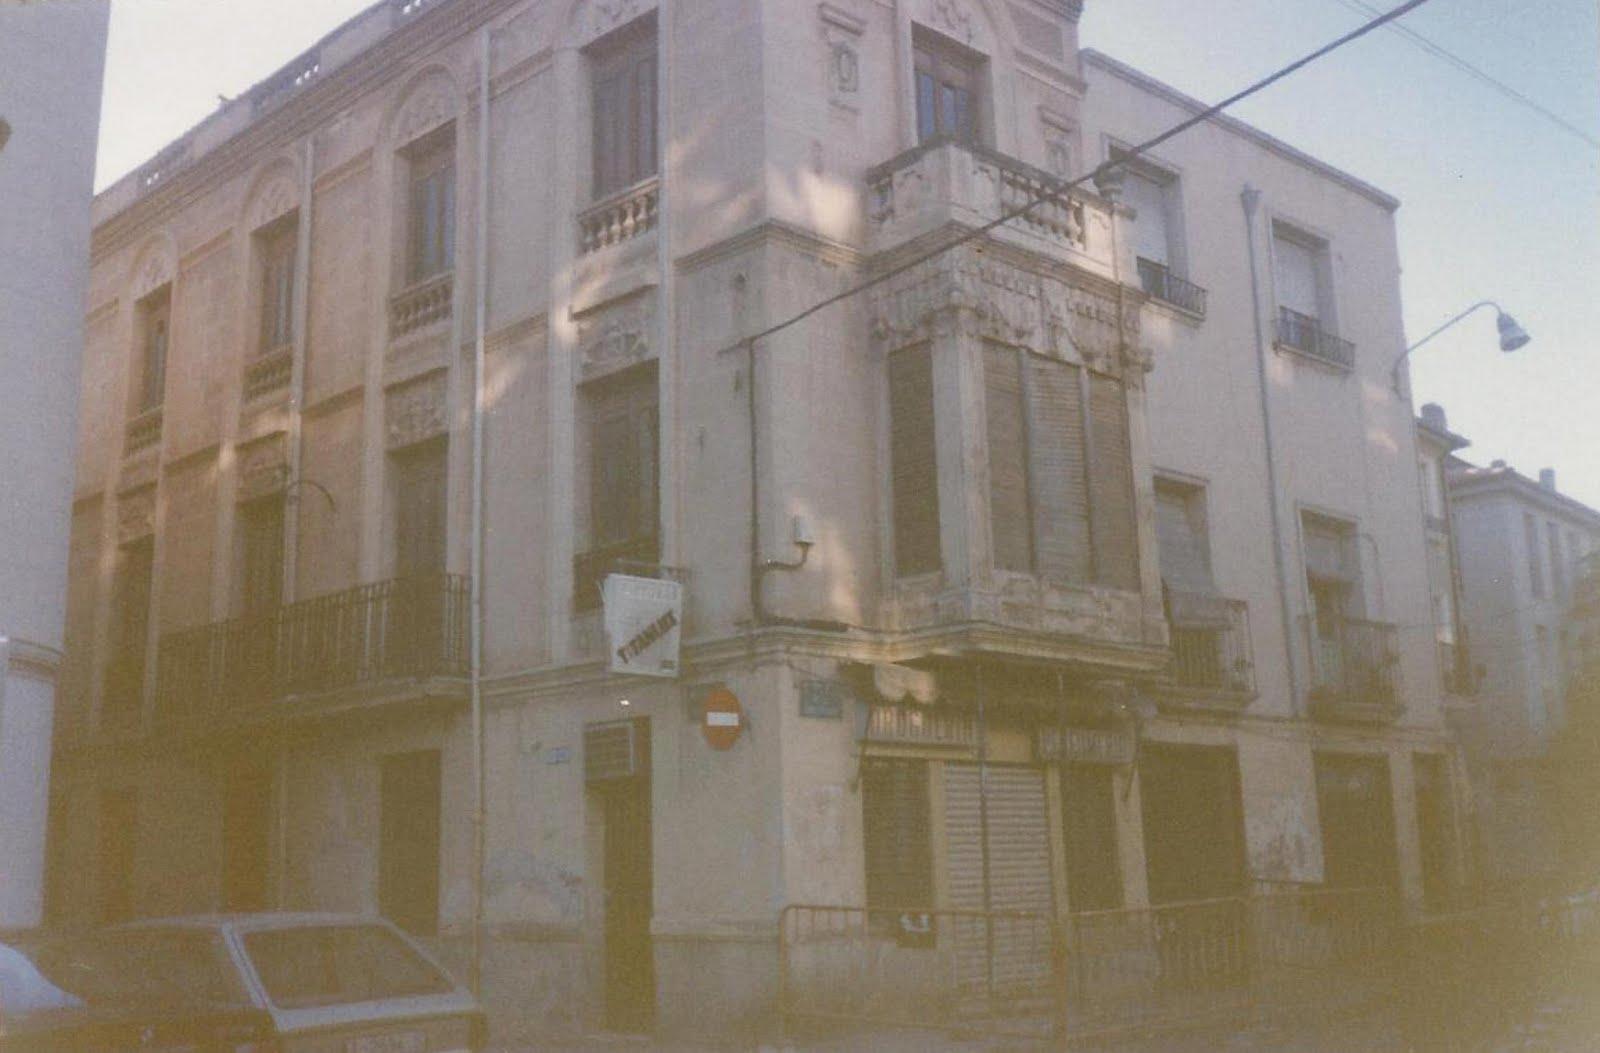 Elda la esquina del guardia la casa tienda de la calle - Casas en elda ...